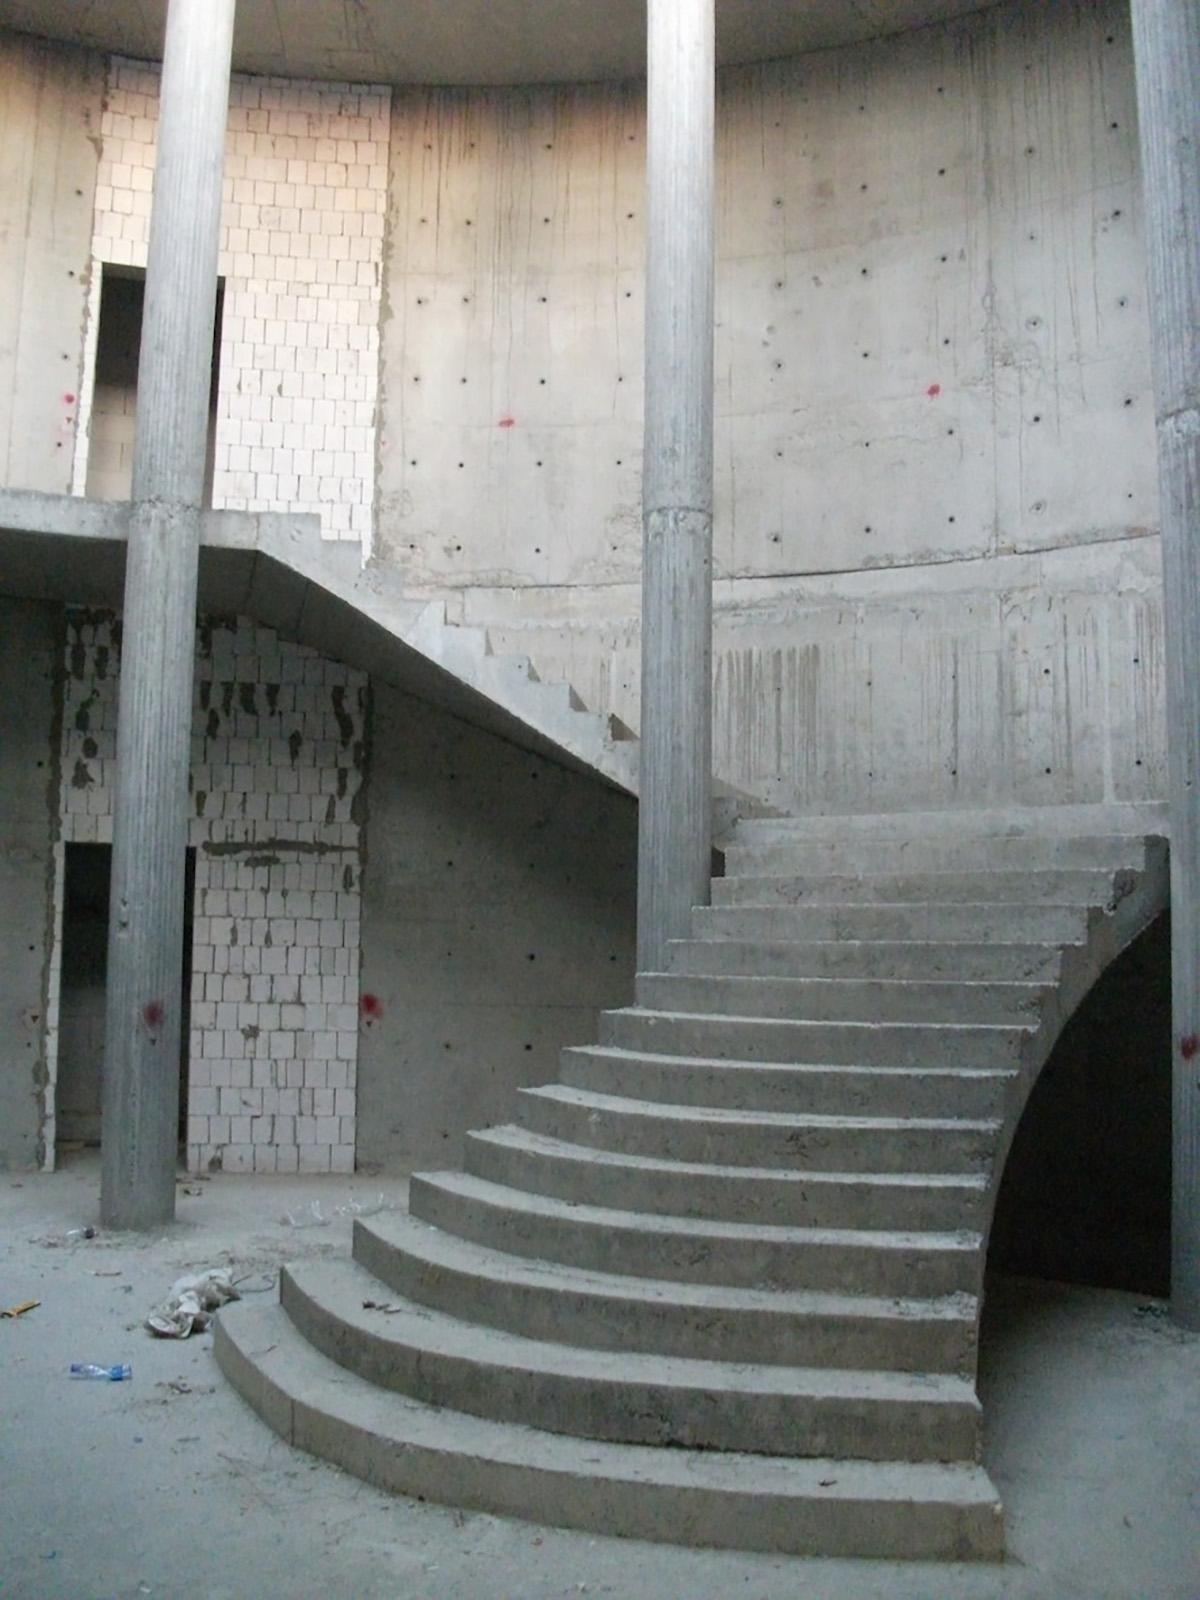 La hall di ingresso (situazione alla 1a visita)